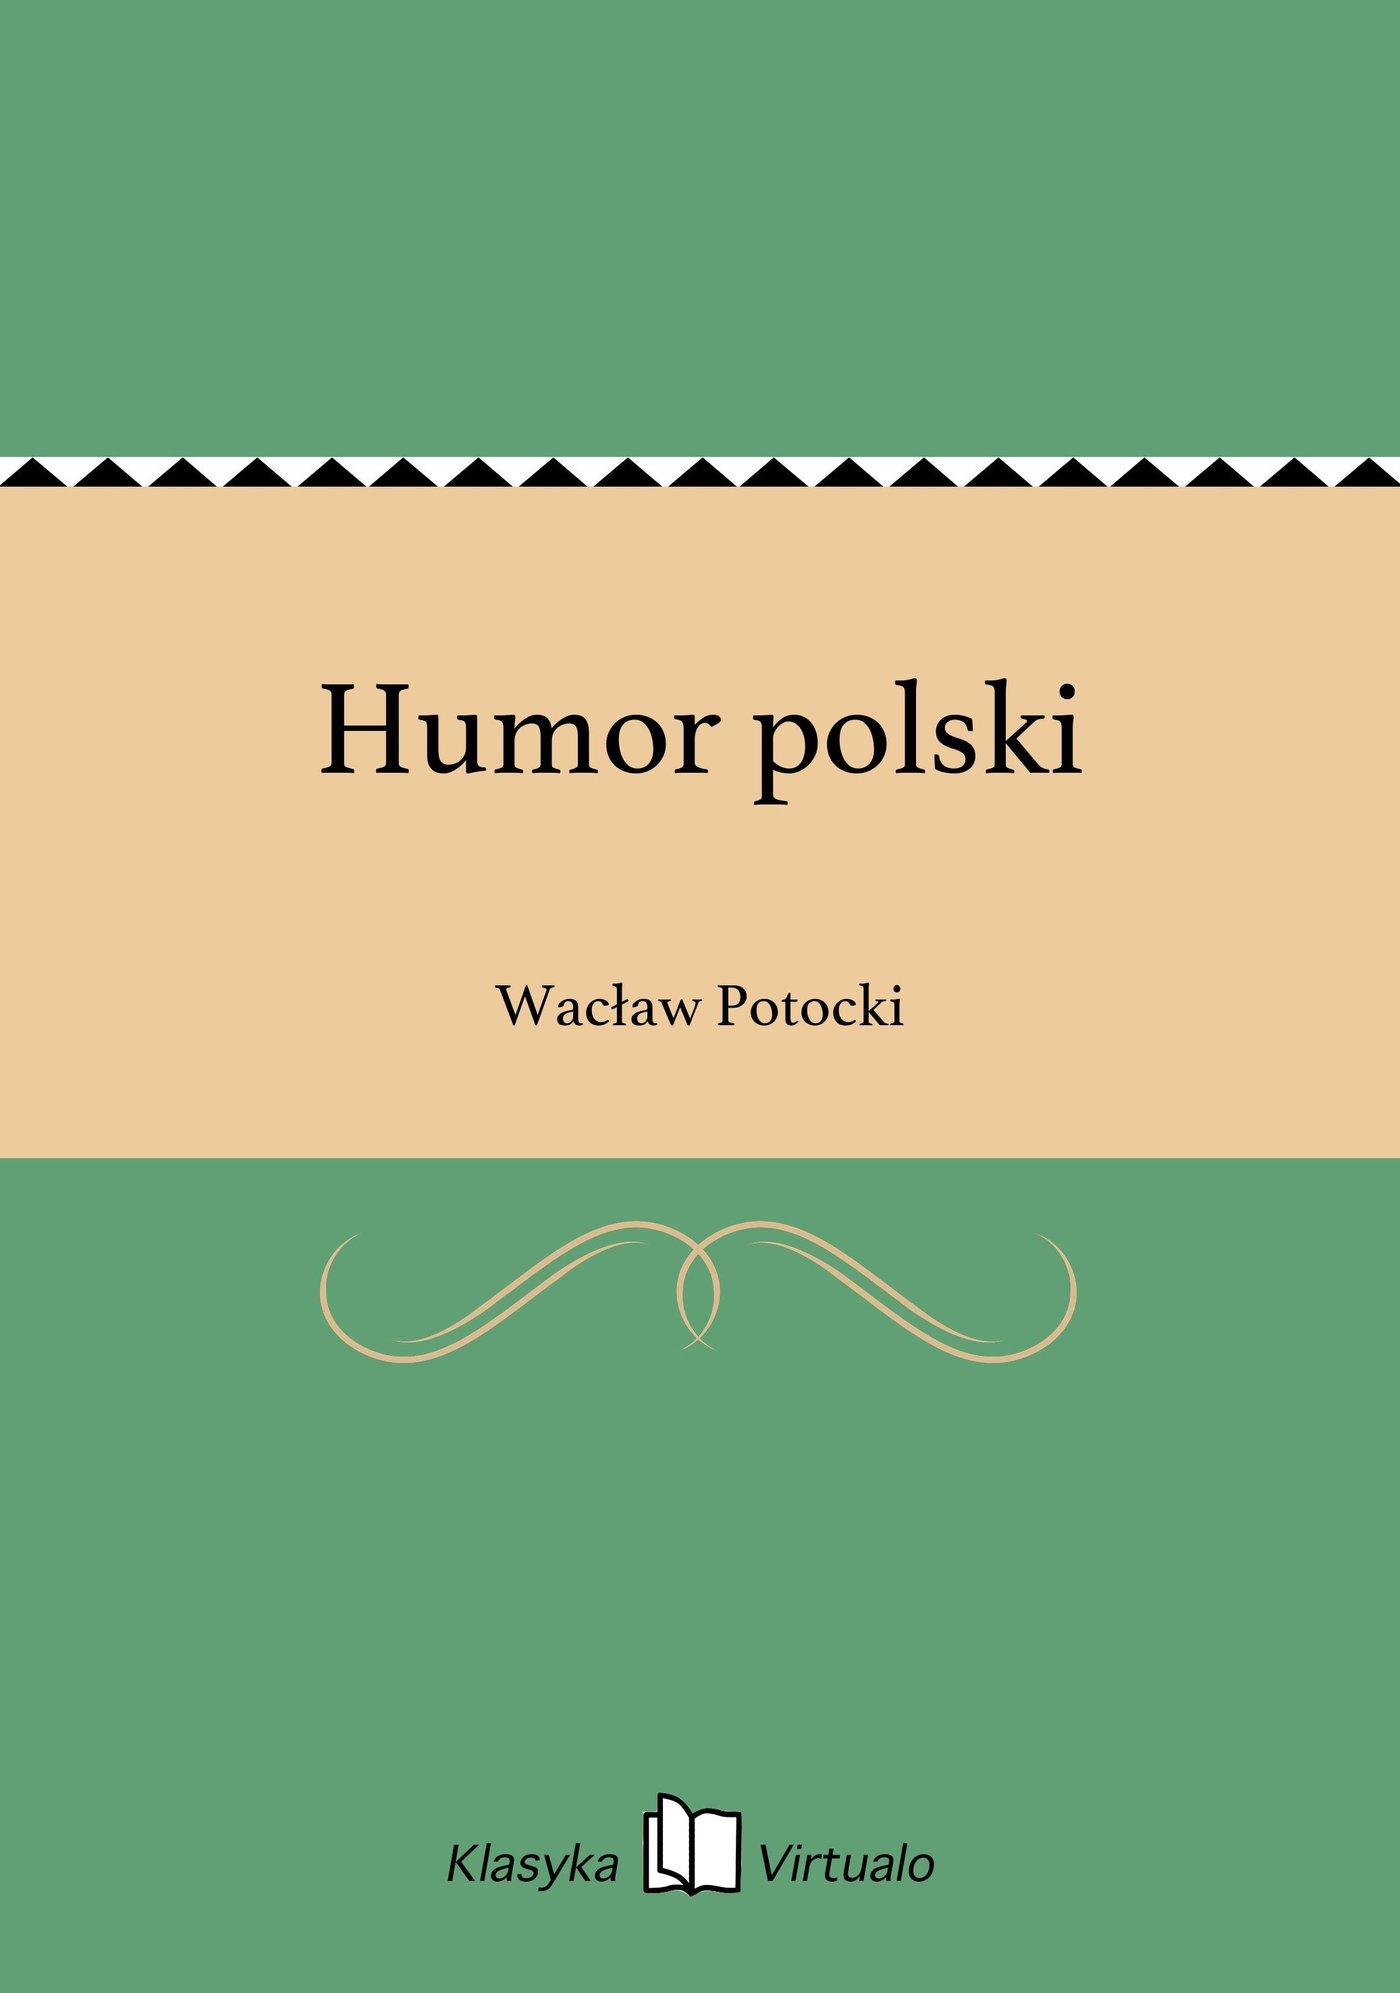 Humor polski - Ebook (Książka EPUB) do pobrania w formacie EPUB